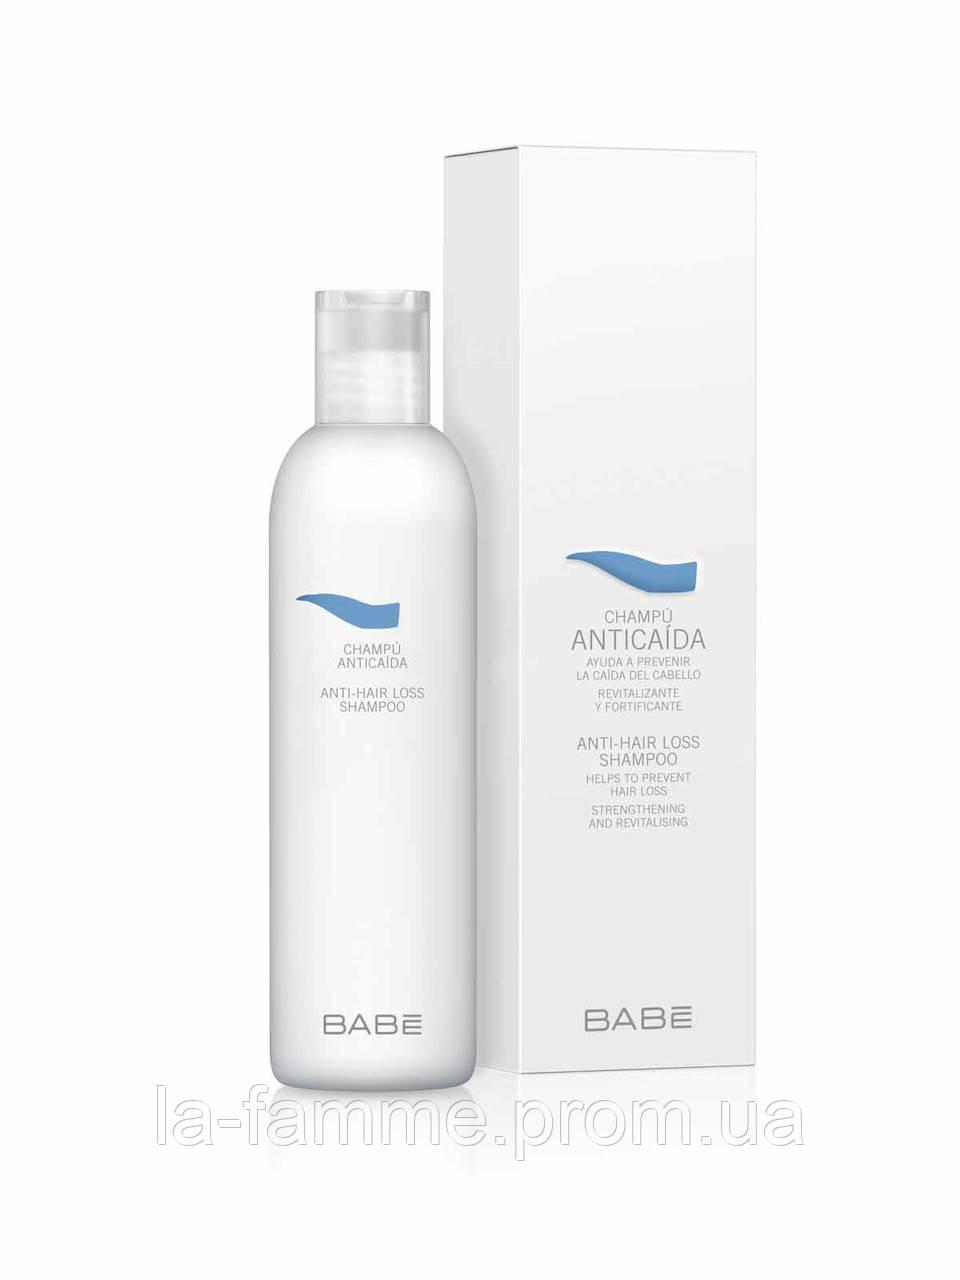 Шампунь против выпадения волос,BABE, 250 мл